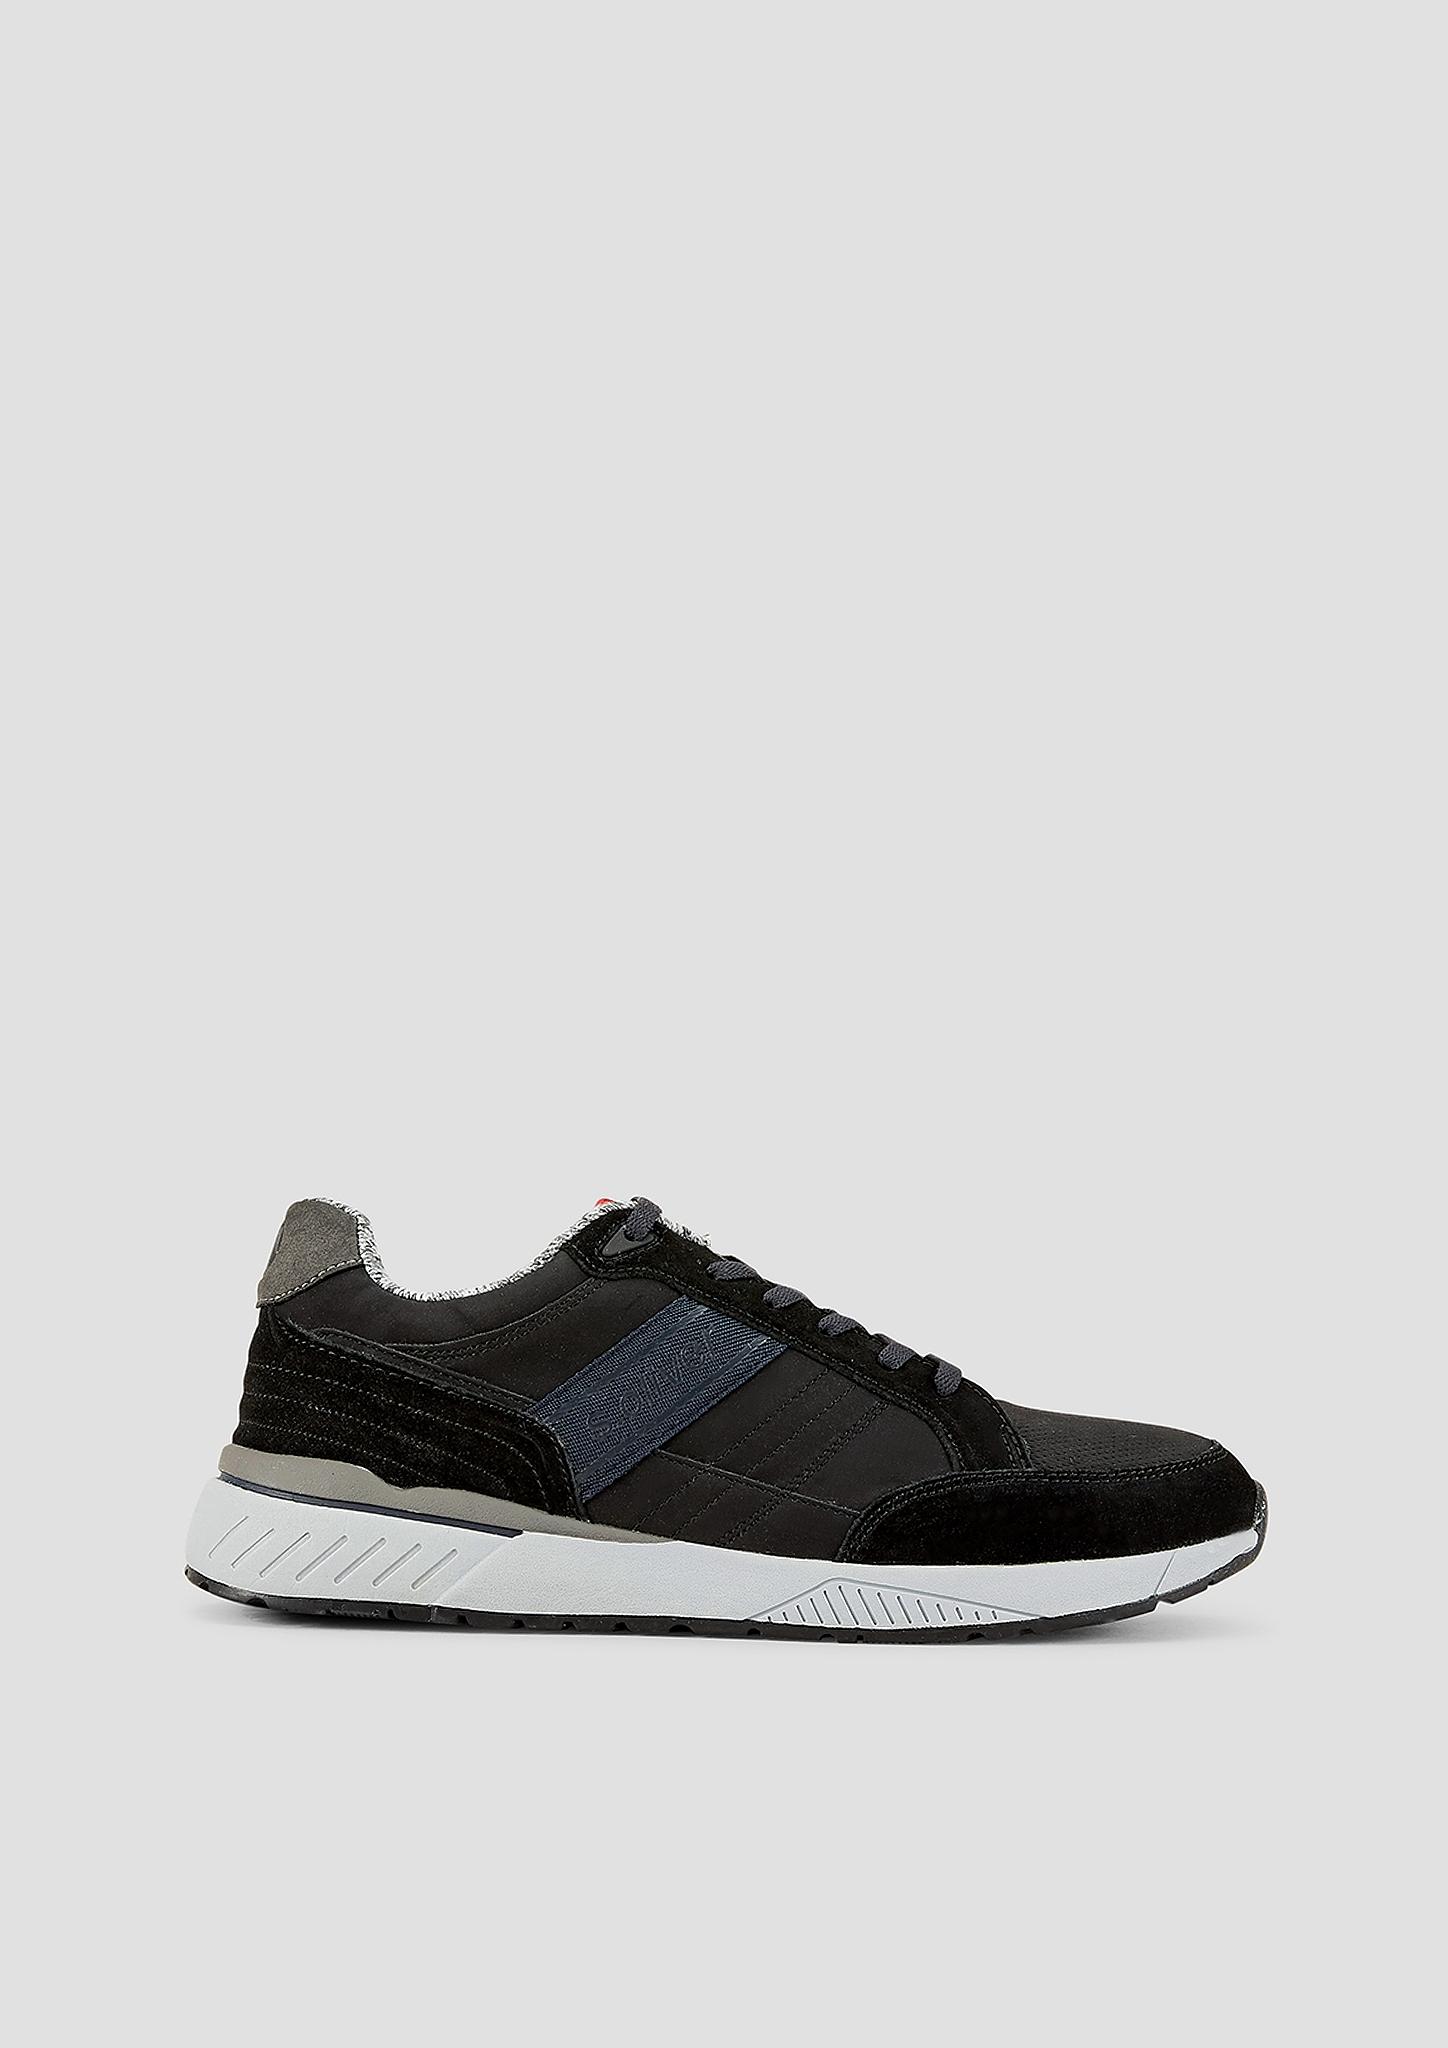 Sneaker | Schuhe > Sneaker > Sneaker low | Schwarz | Obermaterial aus leder und synthetik| decksohle aus textil| laufsohle aus synthetik | s.Oliver